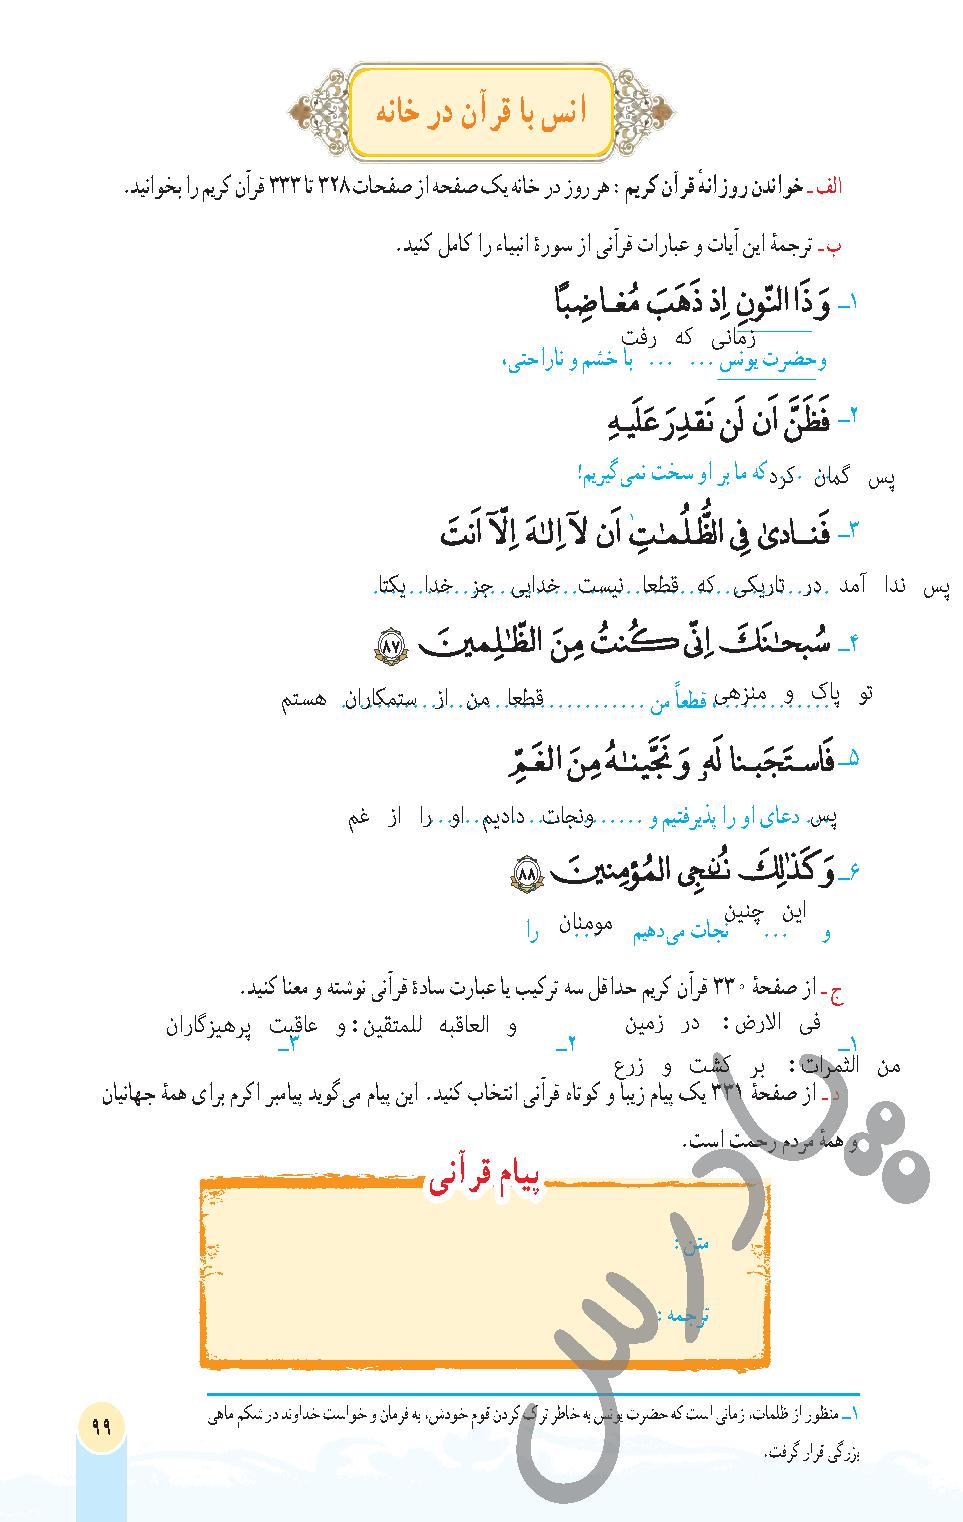 جواب انس با قرآن درس 11 قرآن هفتم - جلسه اول